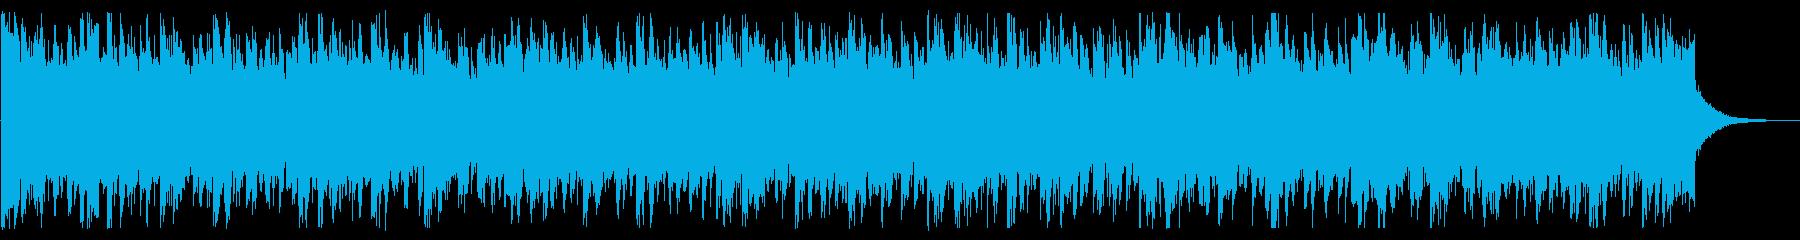 ドライブ。ネオン。ドラムンベース。2の再生済みの波形